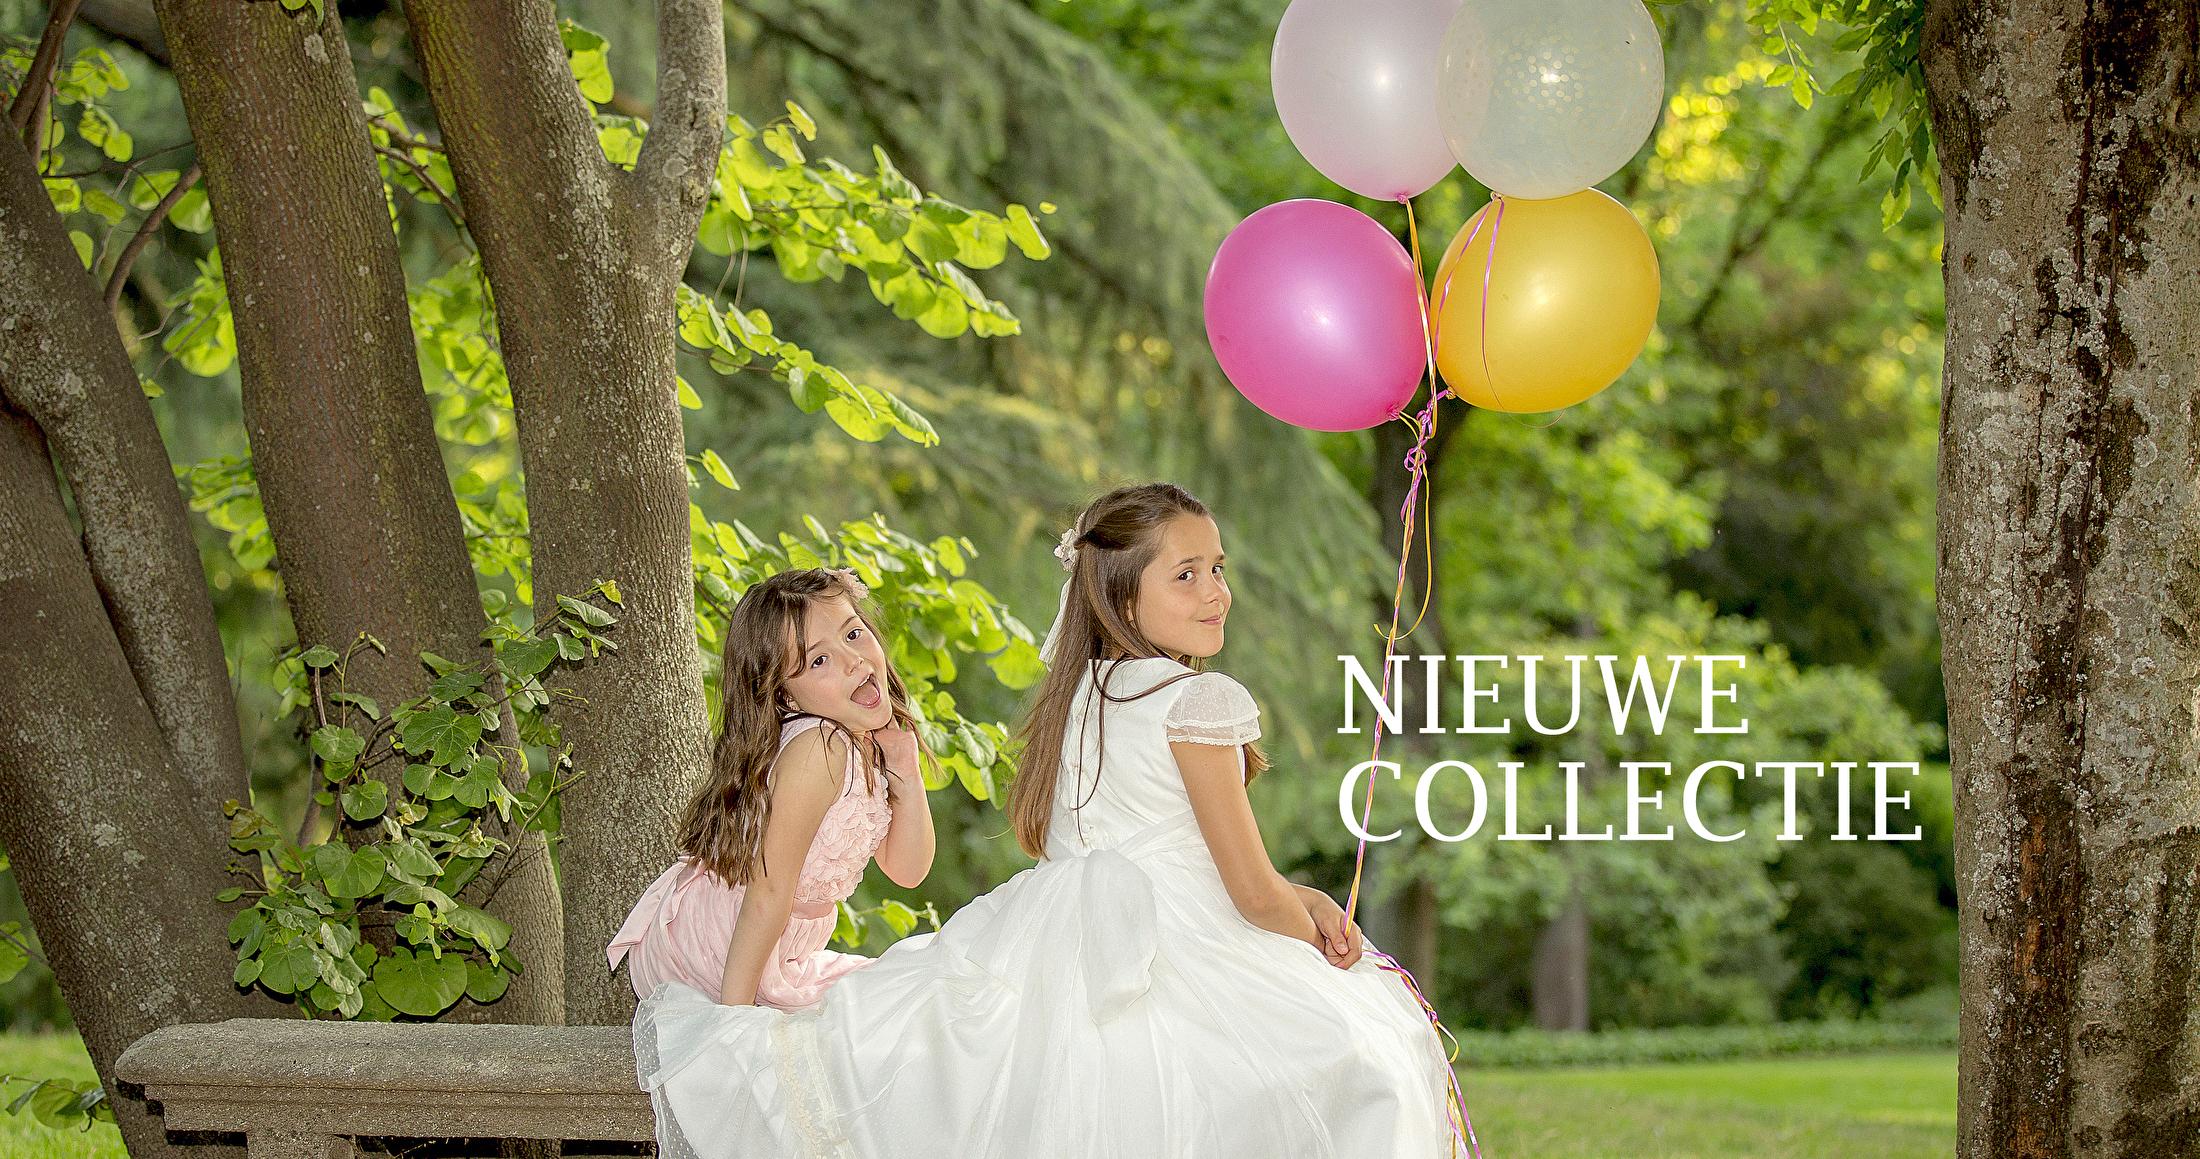 Prinsessenkleedje online kopen